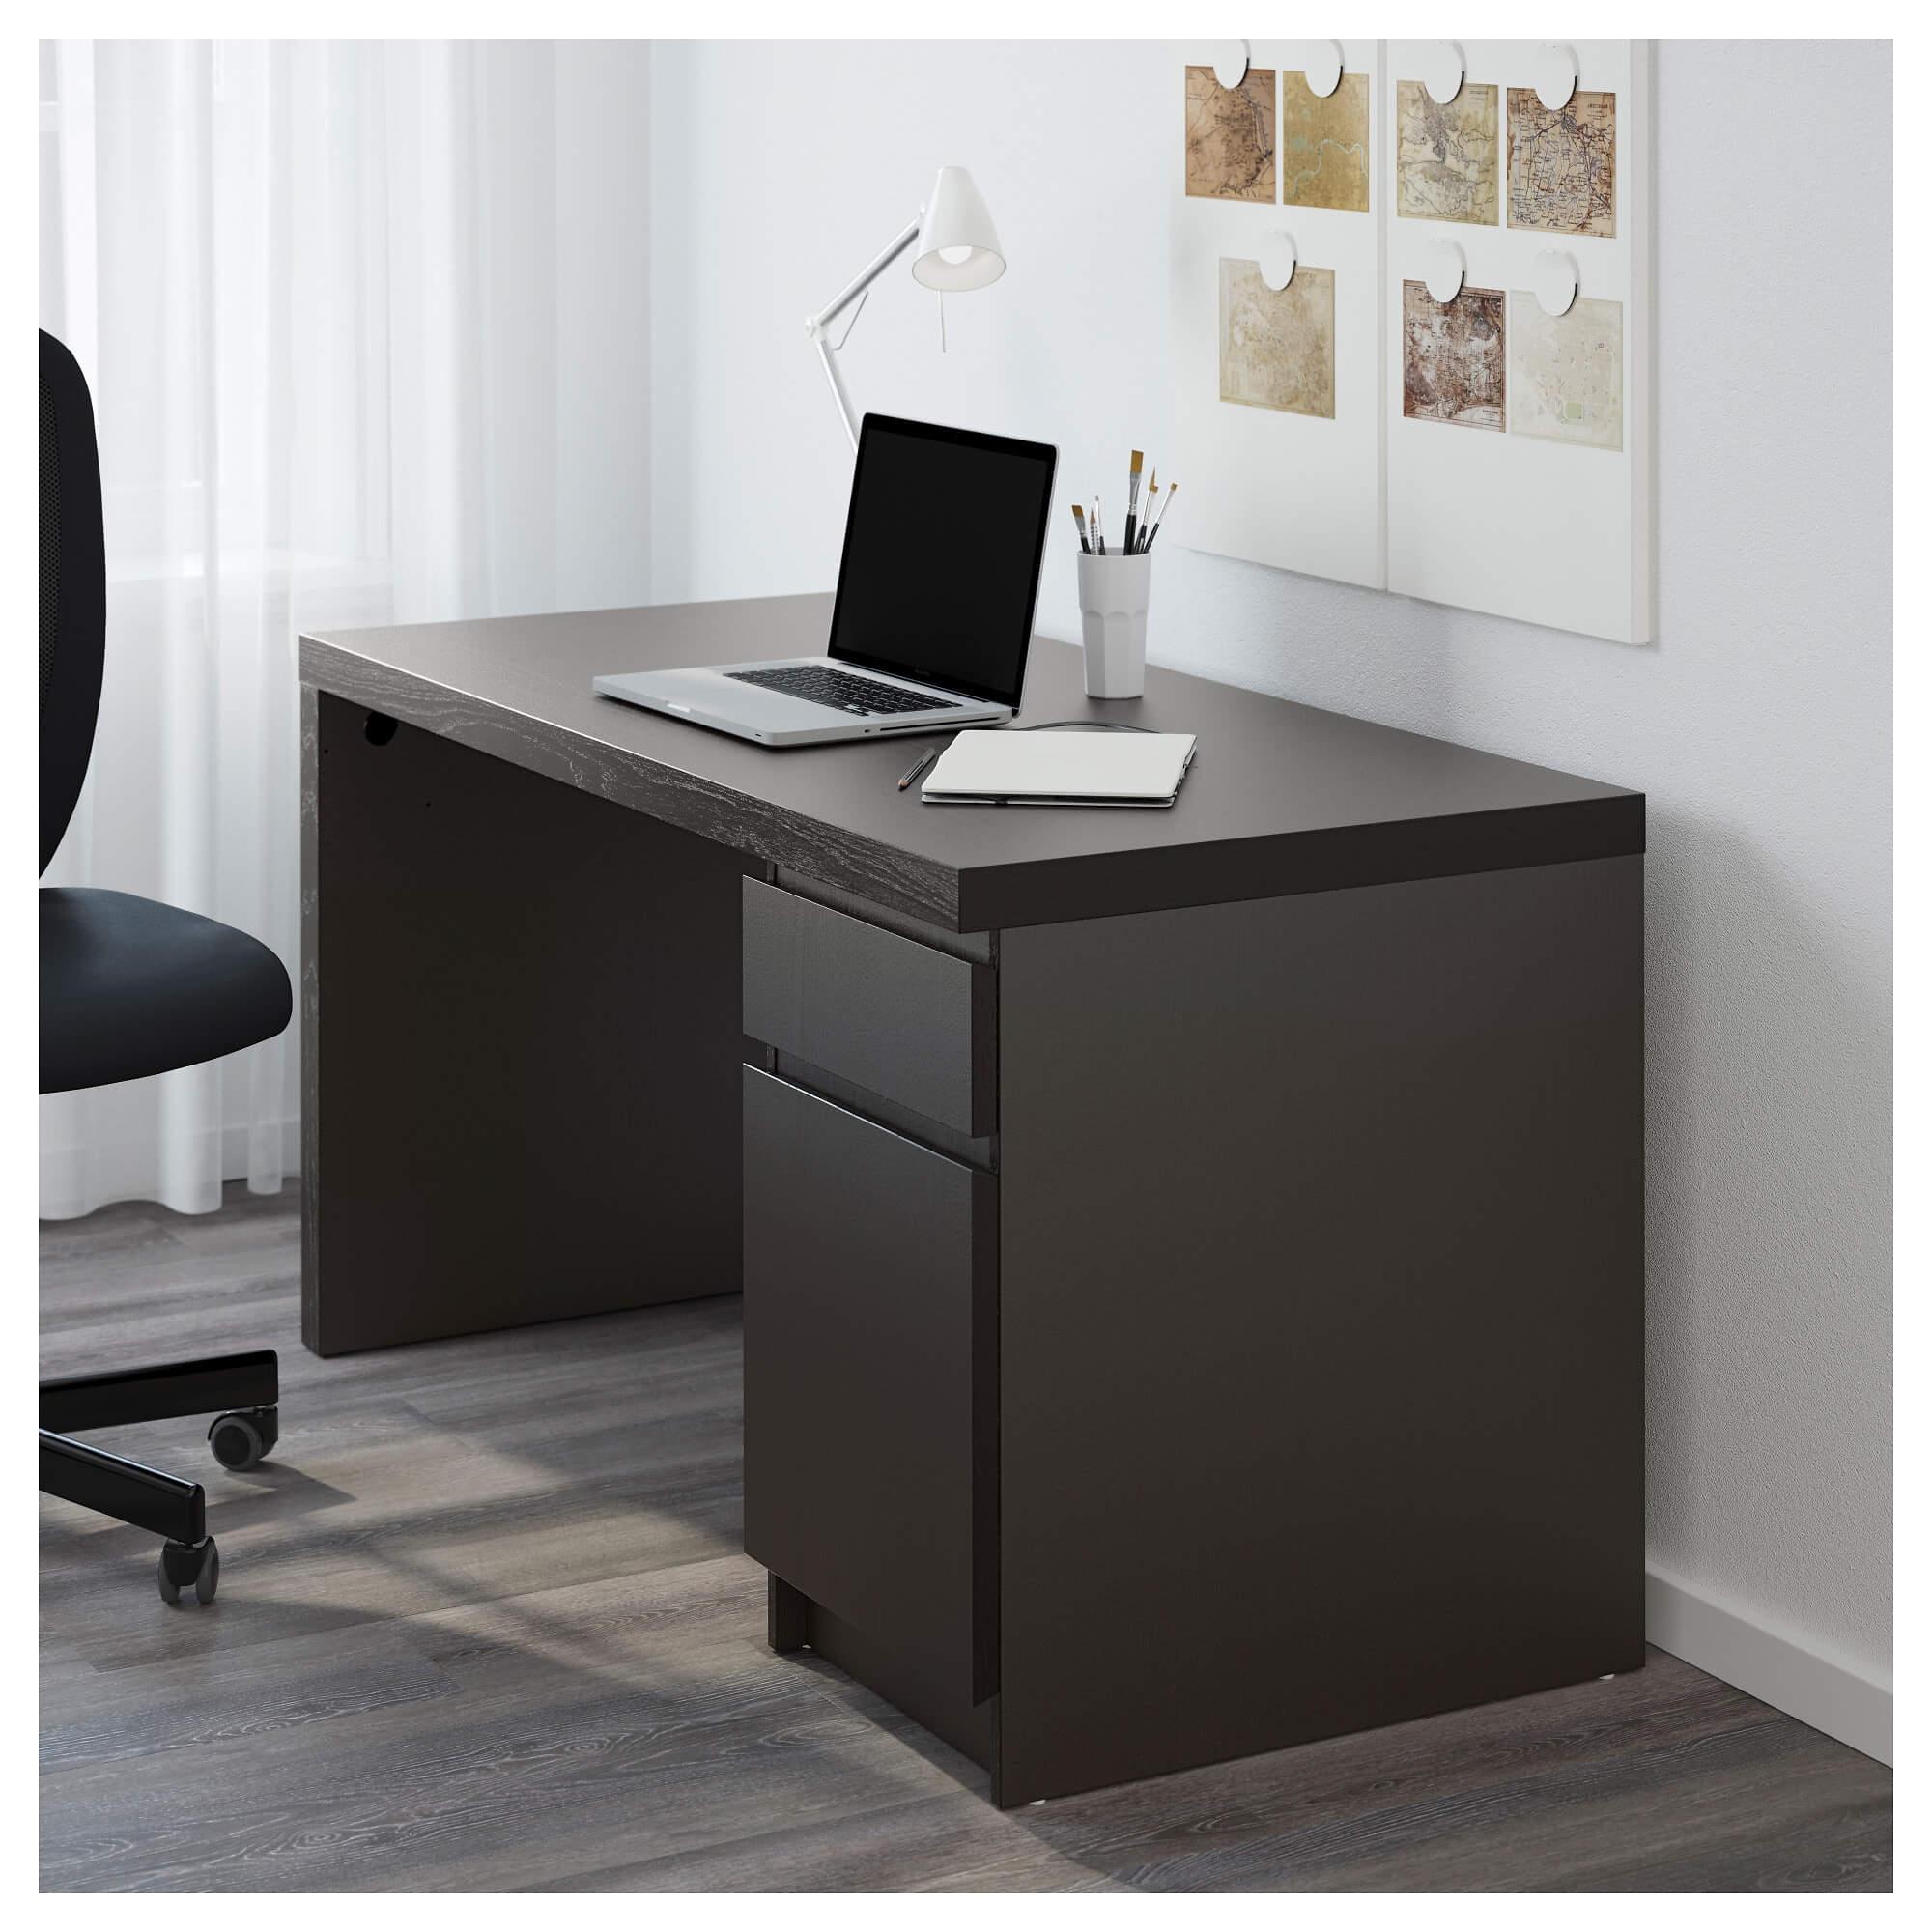 Beau Ikea MALM Desk Review